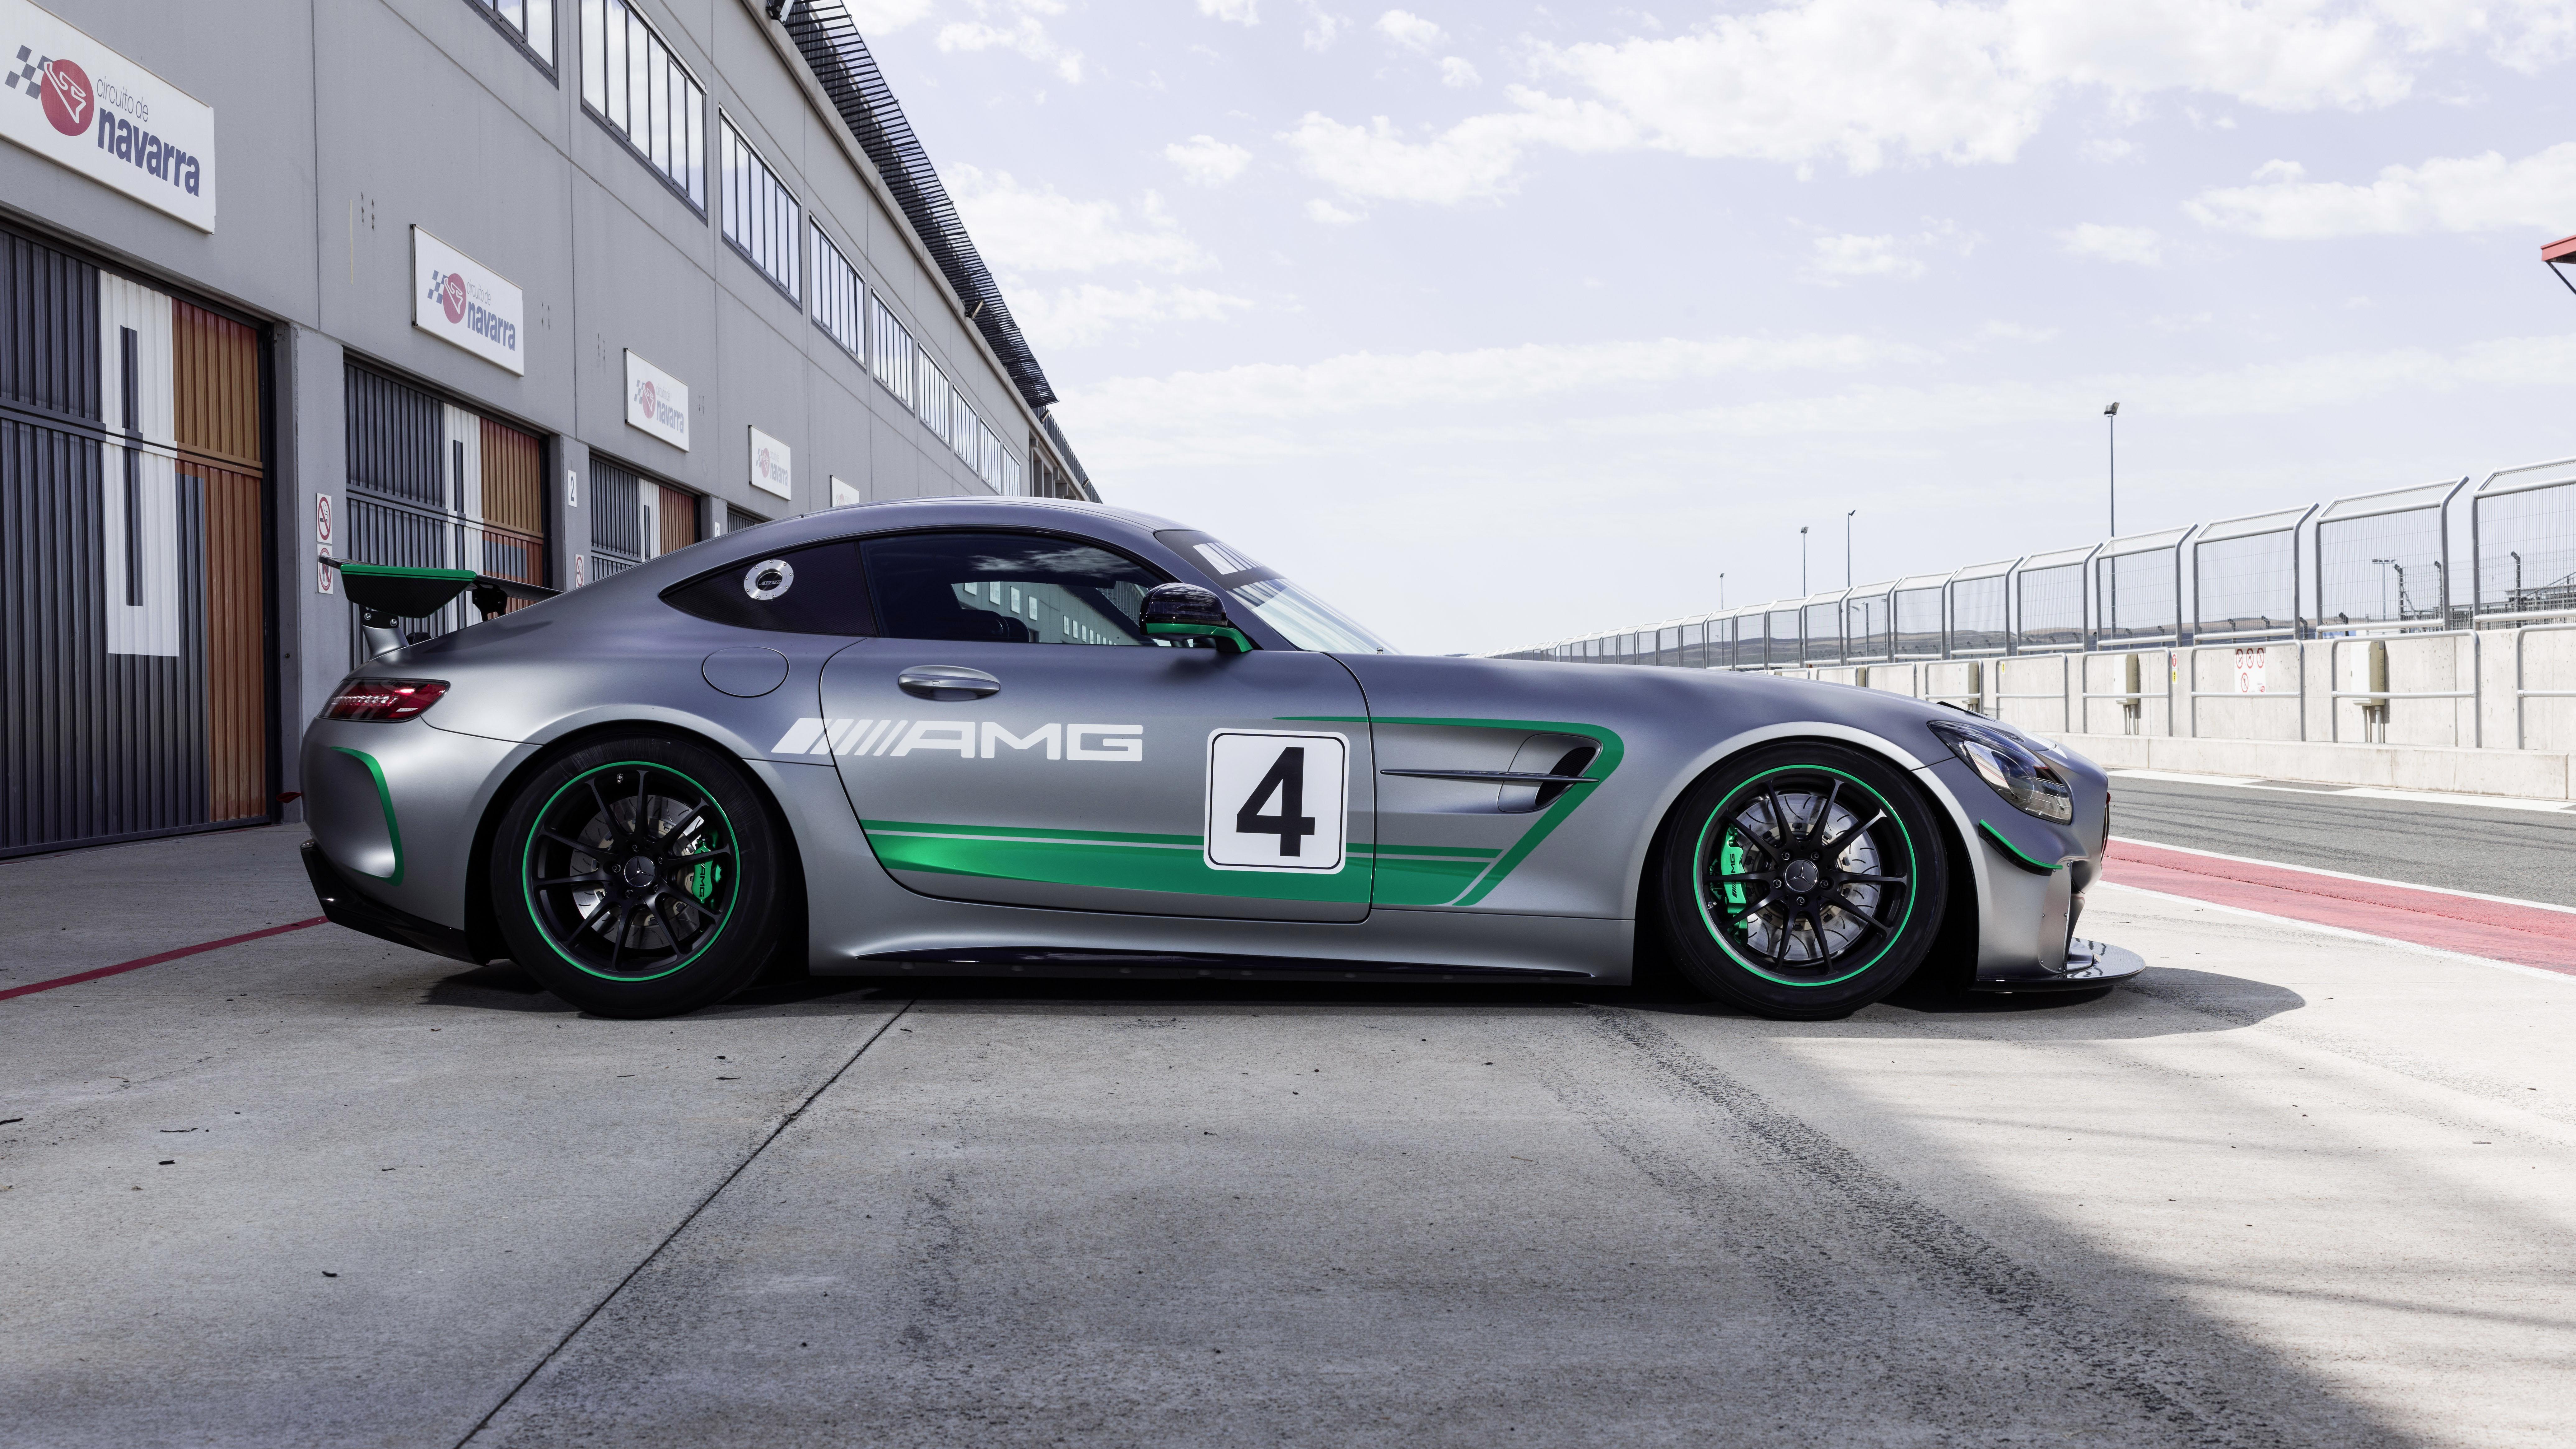 Mercedes-AMG GT4 side